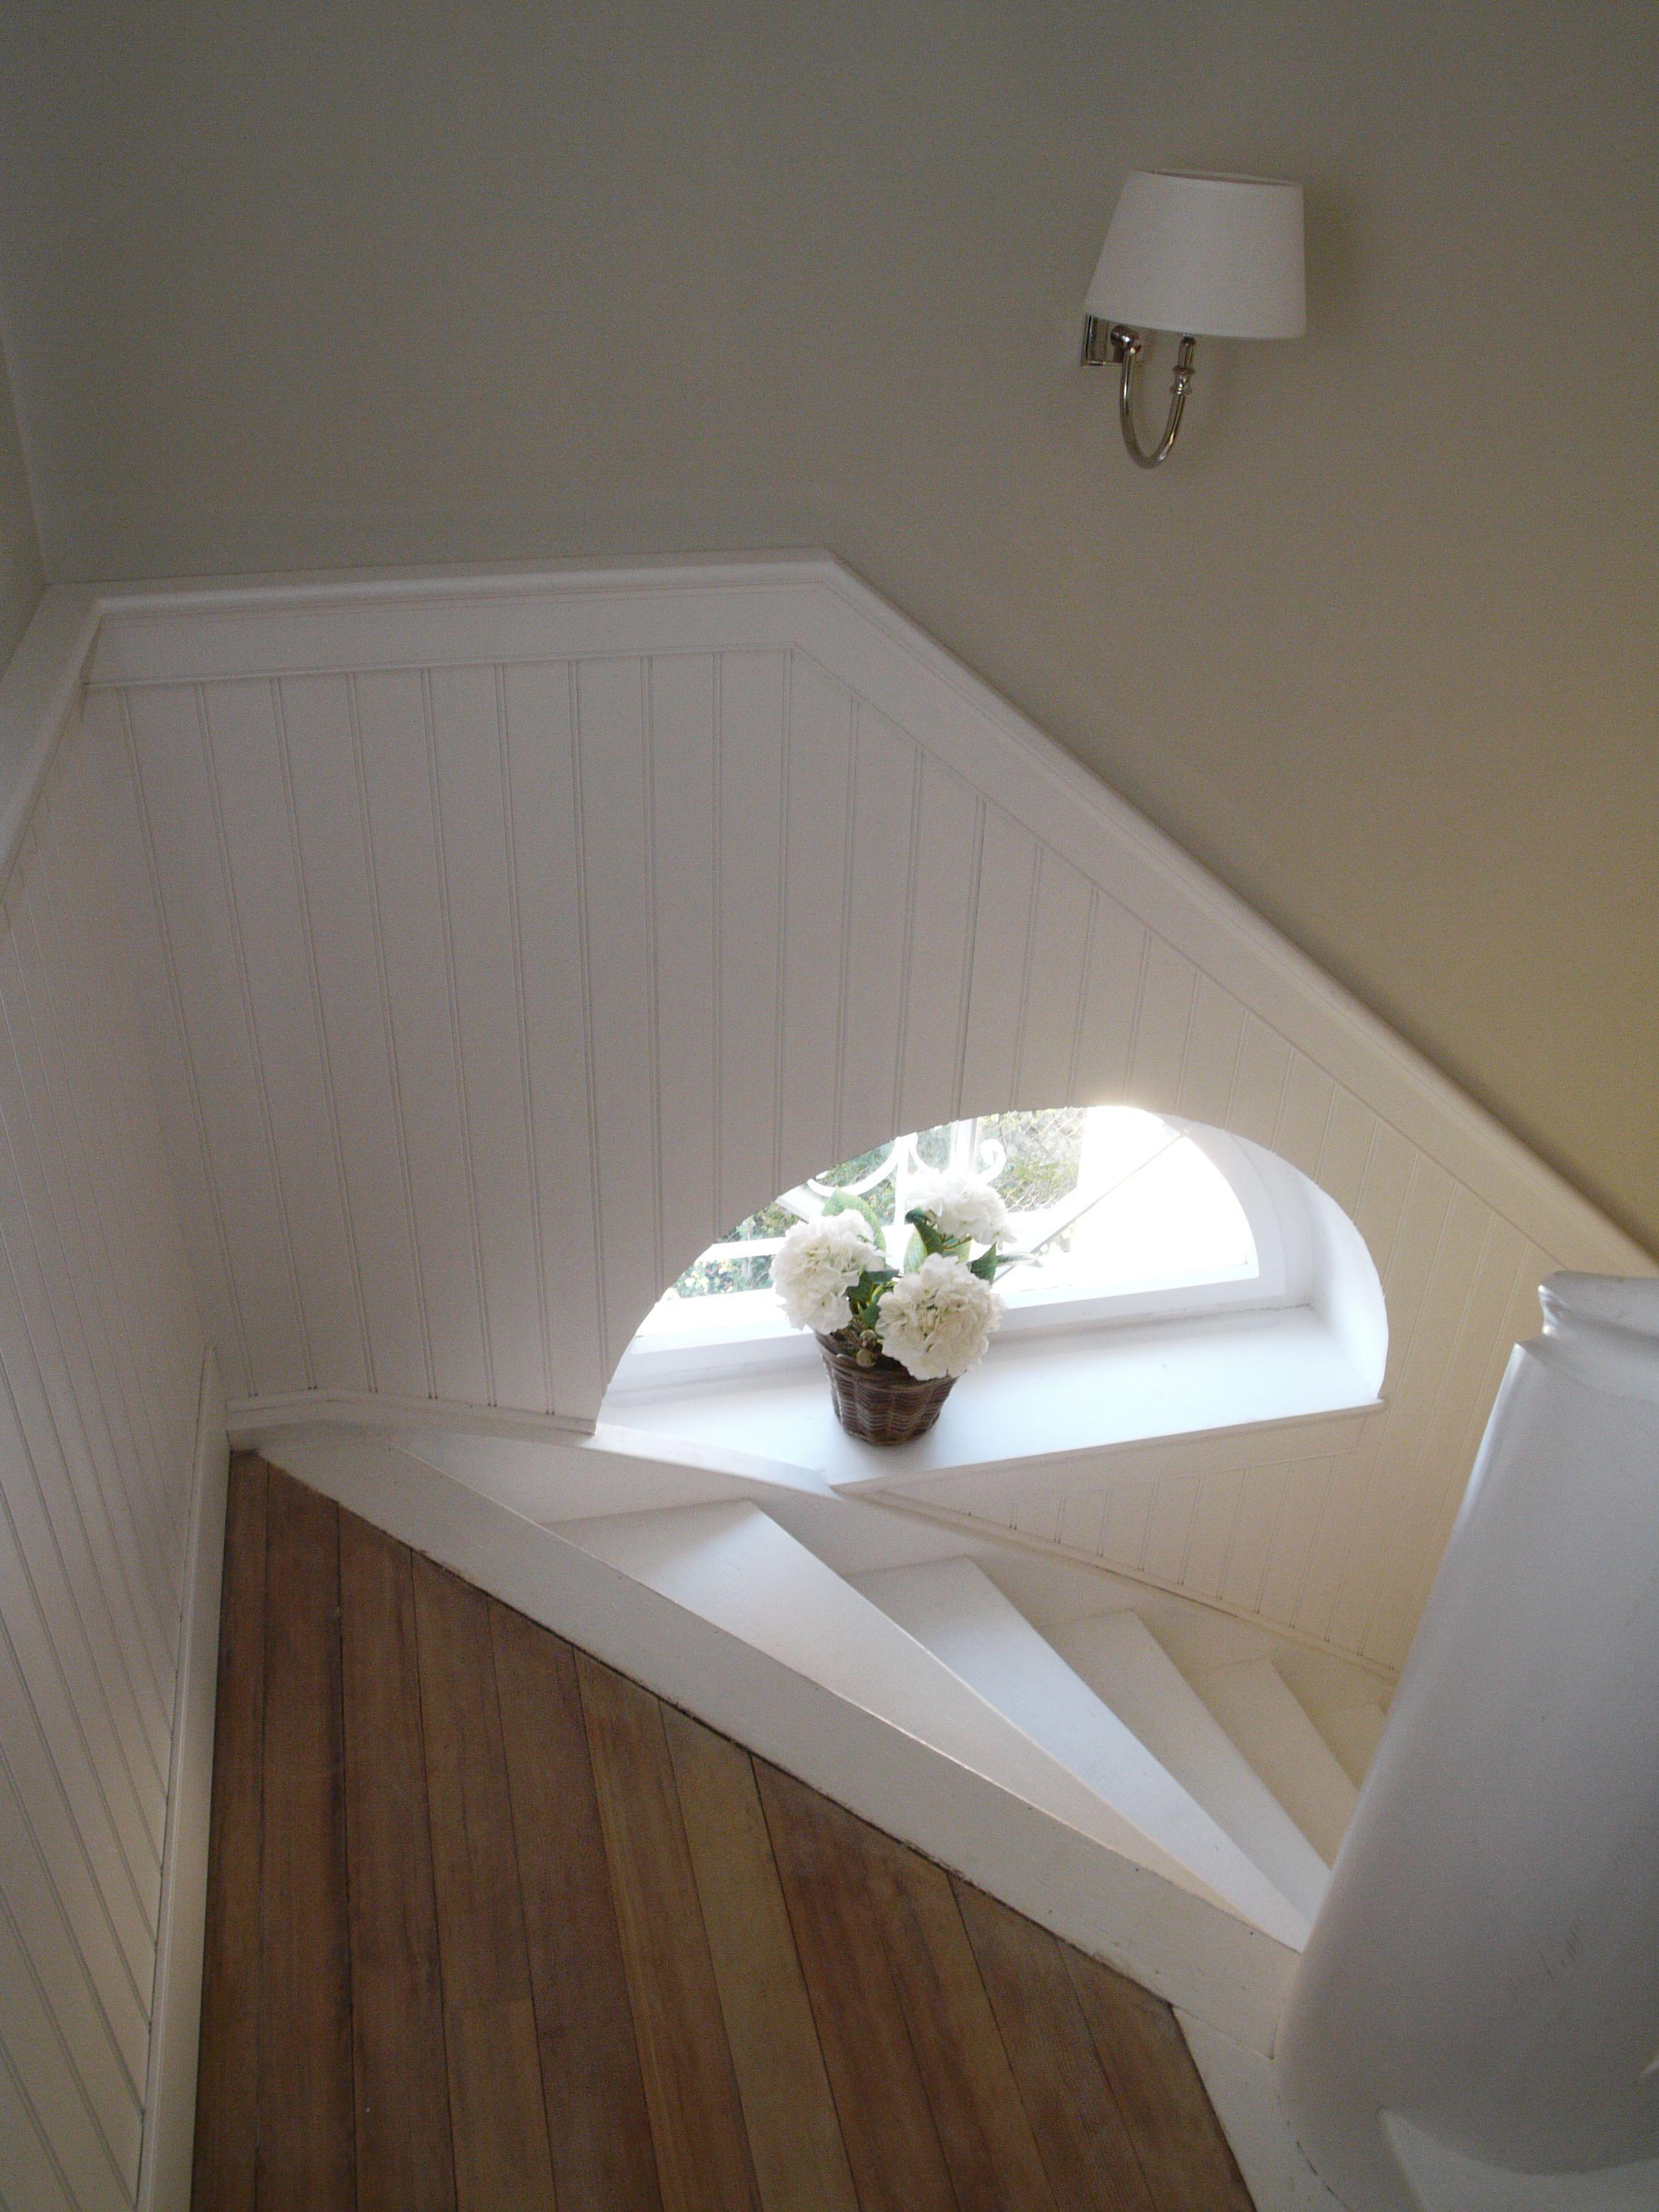 wandpaneele holzverkleidung wie in usa und schweden shabby chic cottage wandvert felung. Black Bedroom Furniture Sets. Home Design Ideas